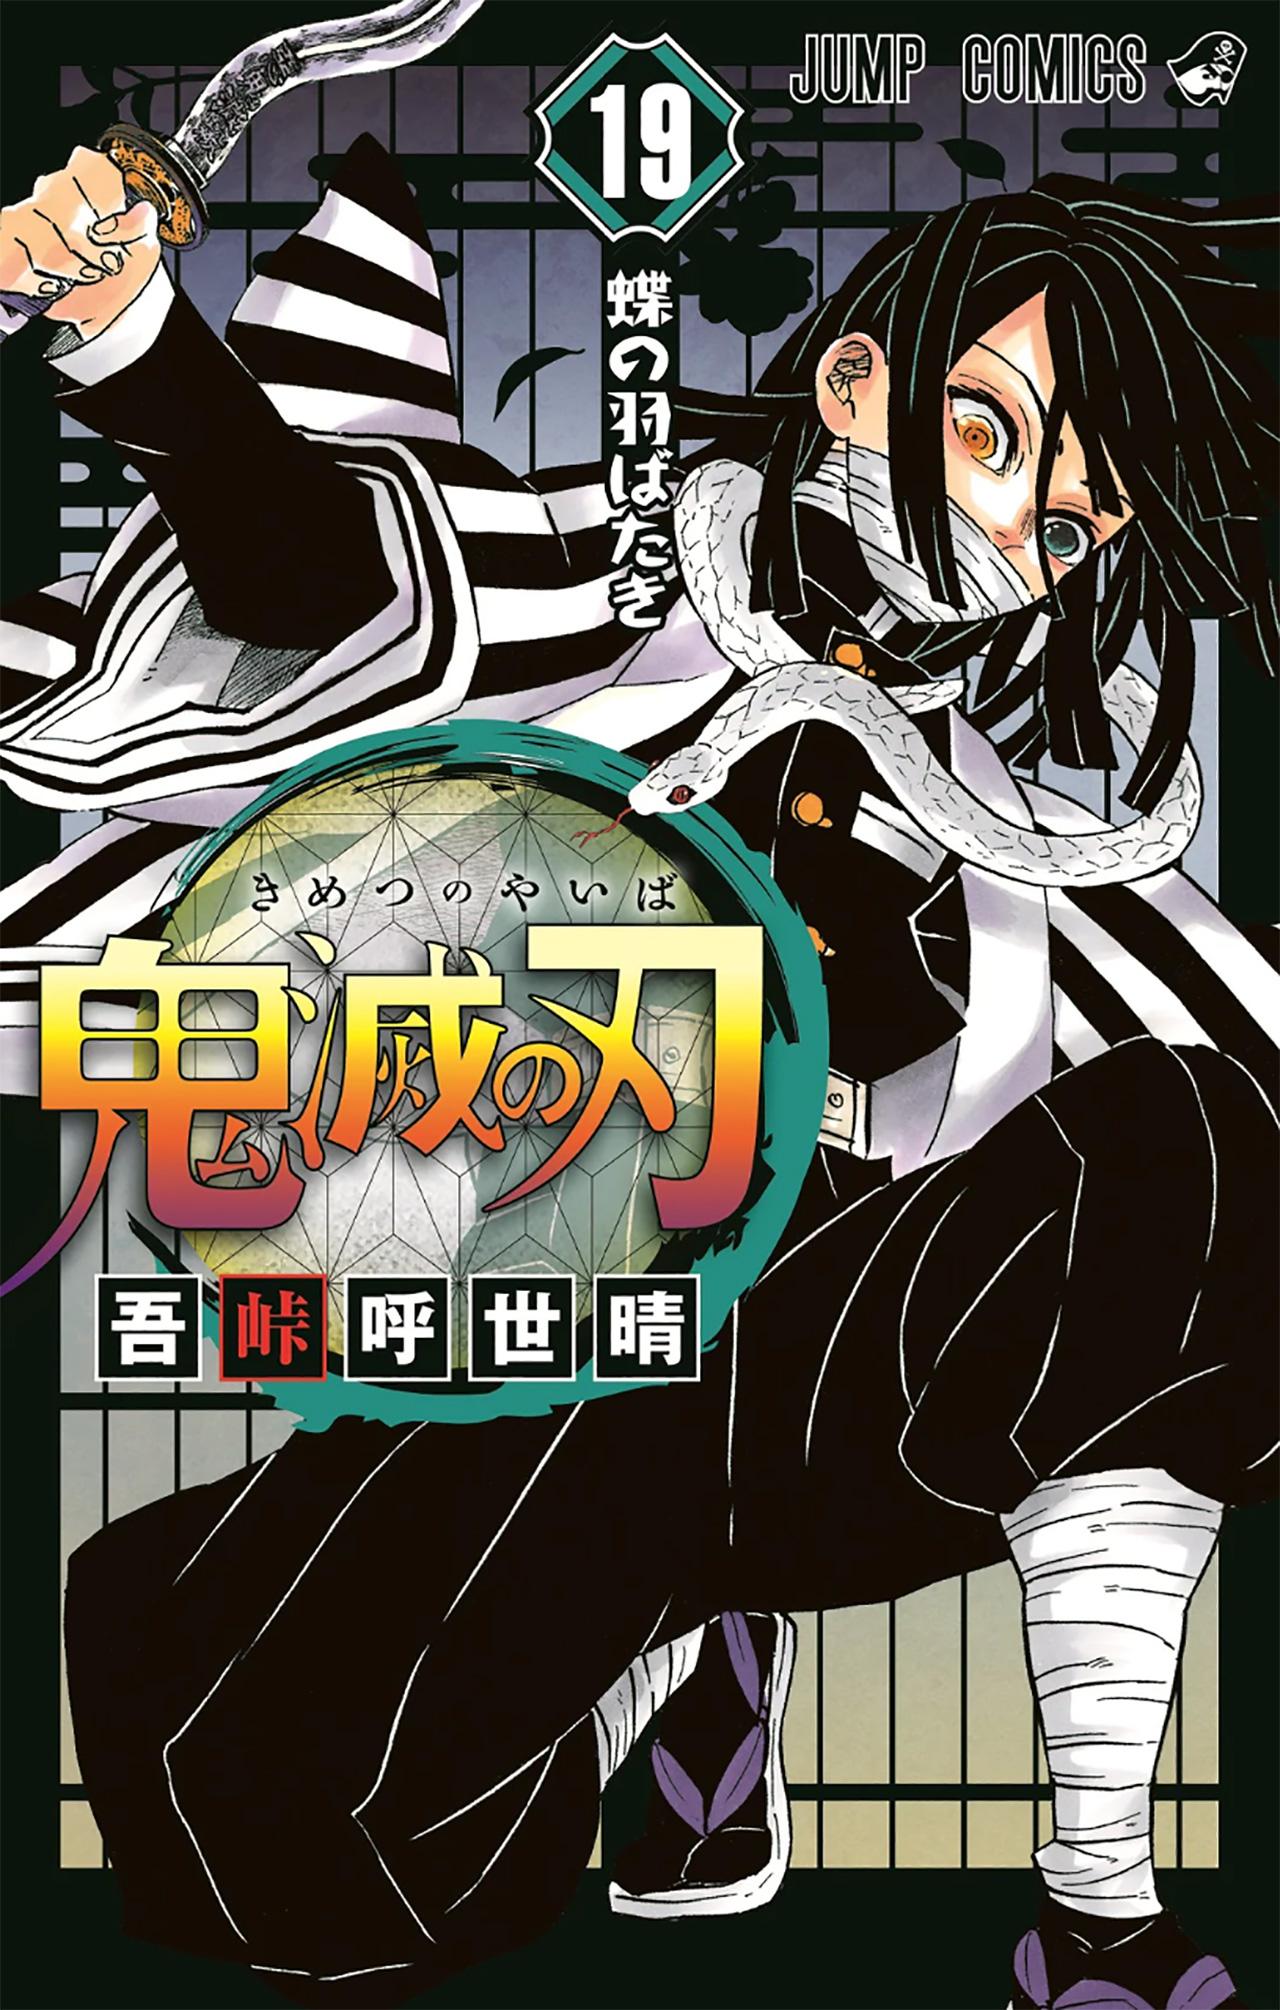 Capa do volume 19 de Kimetsu no Yaiba (Demon Slayer)